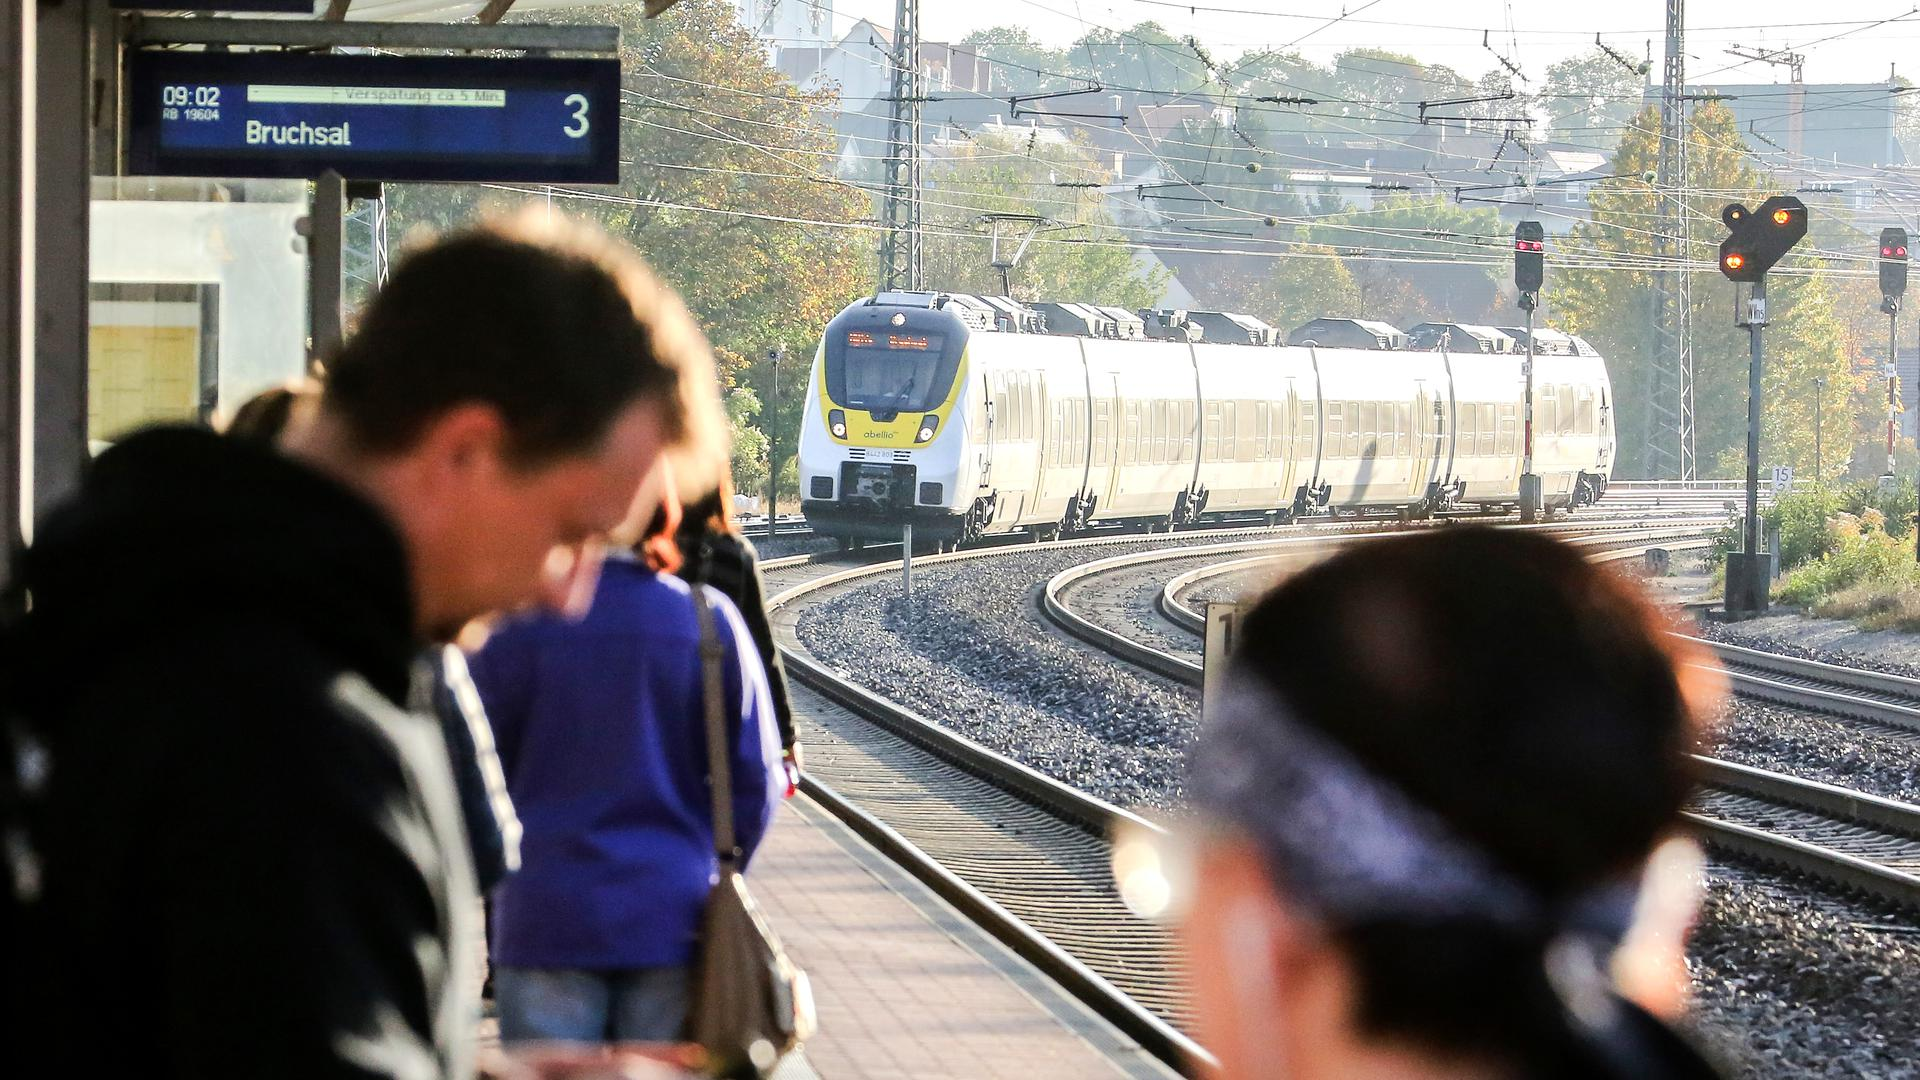 Der Zug nach Bruchsal - wie so oft verspätet.